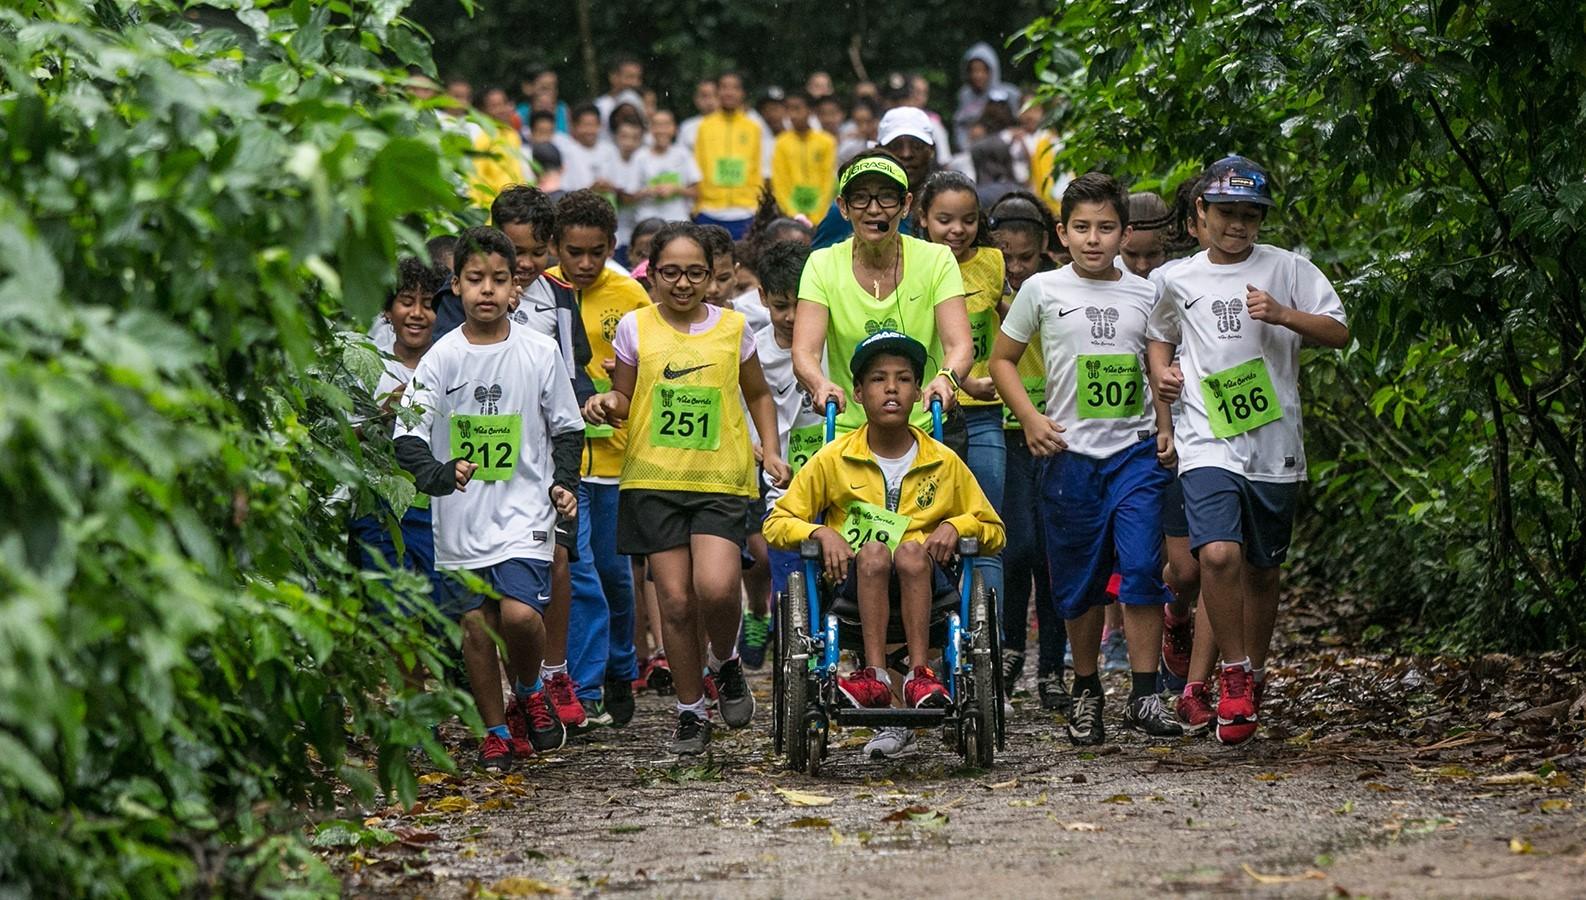 Corrida para comemorar o Dia das Crianças: levada por Neide, até criança em cadeira de rodas participa. Foto: Divulgação